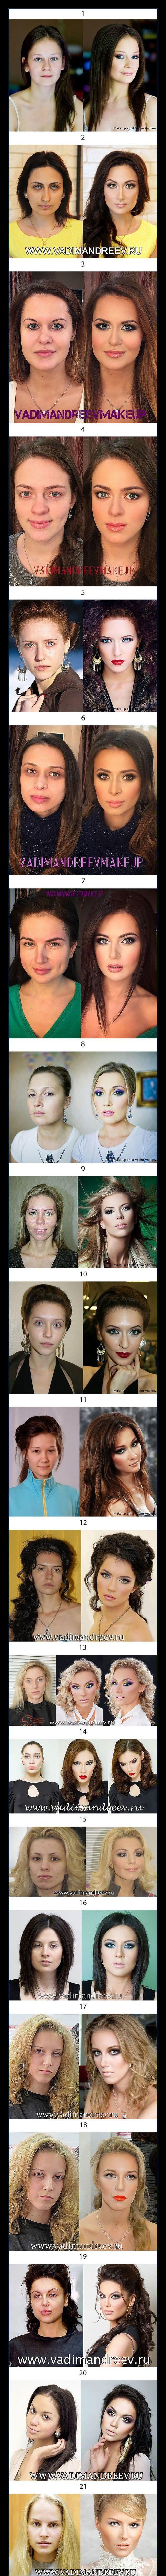 antes y despues del maquillaje lista